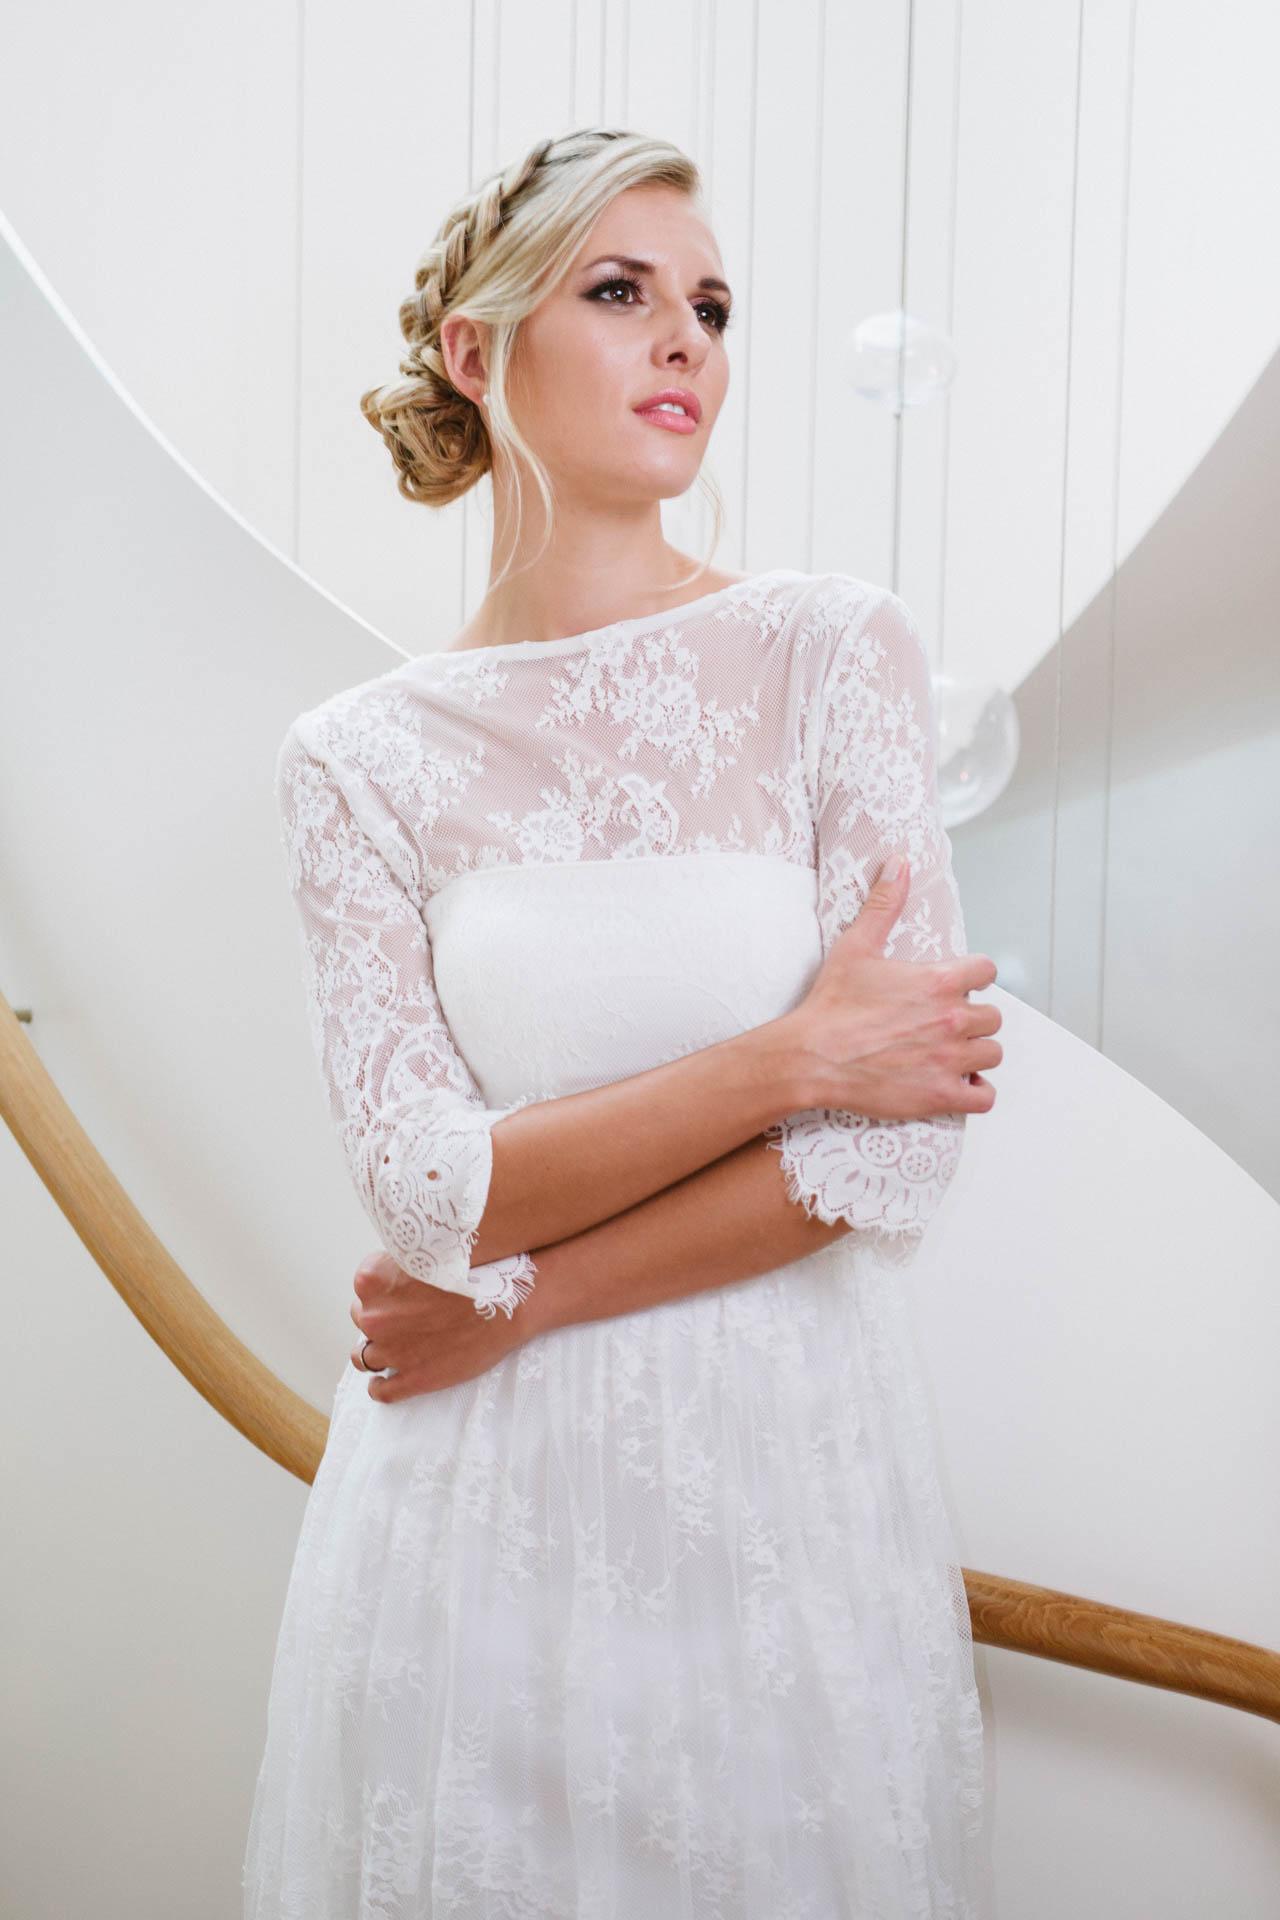 Und Braut bulgarische Post